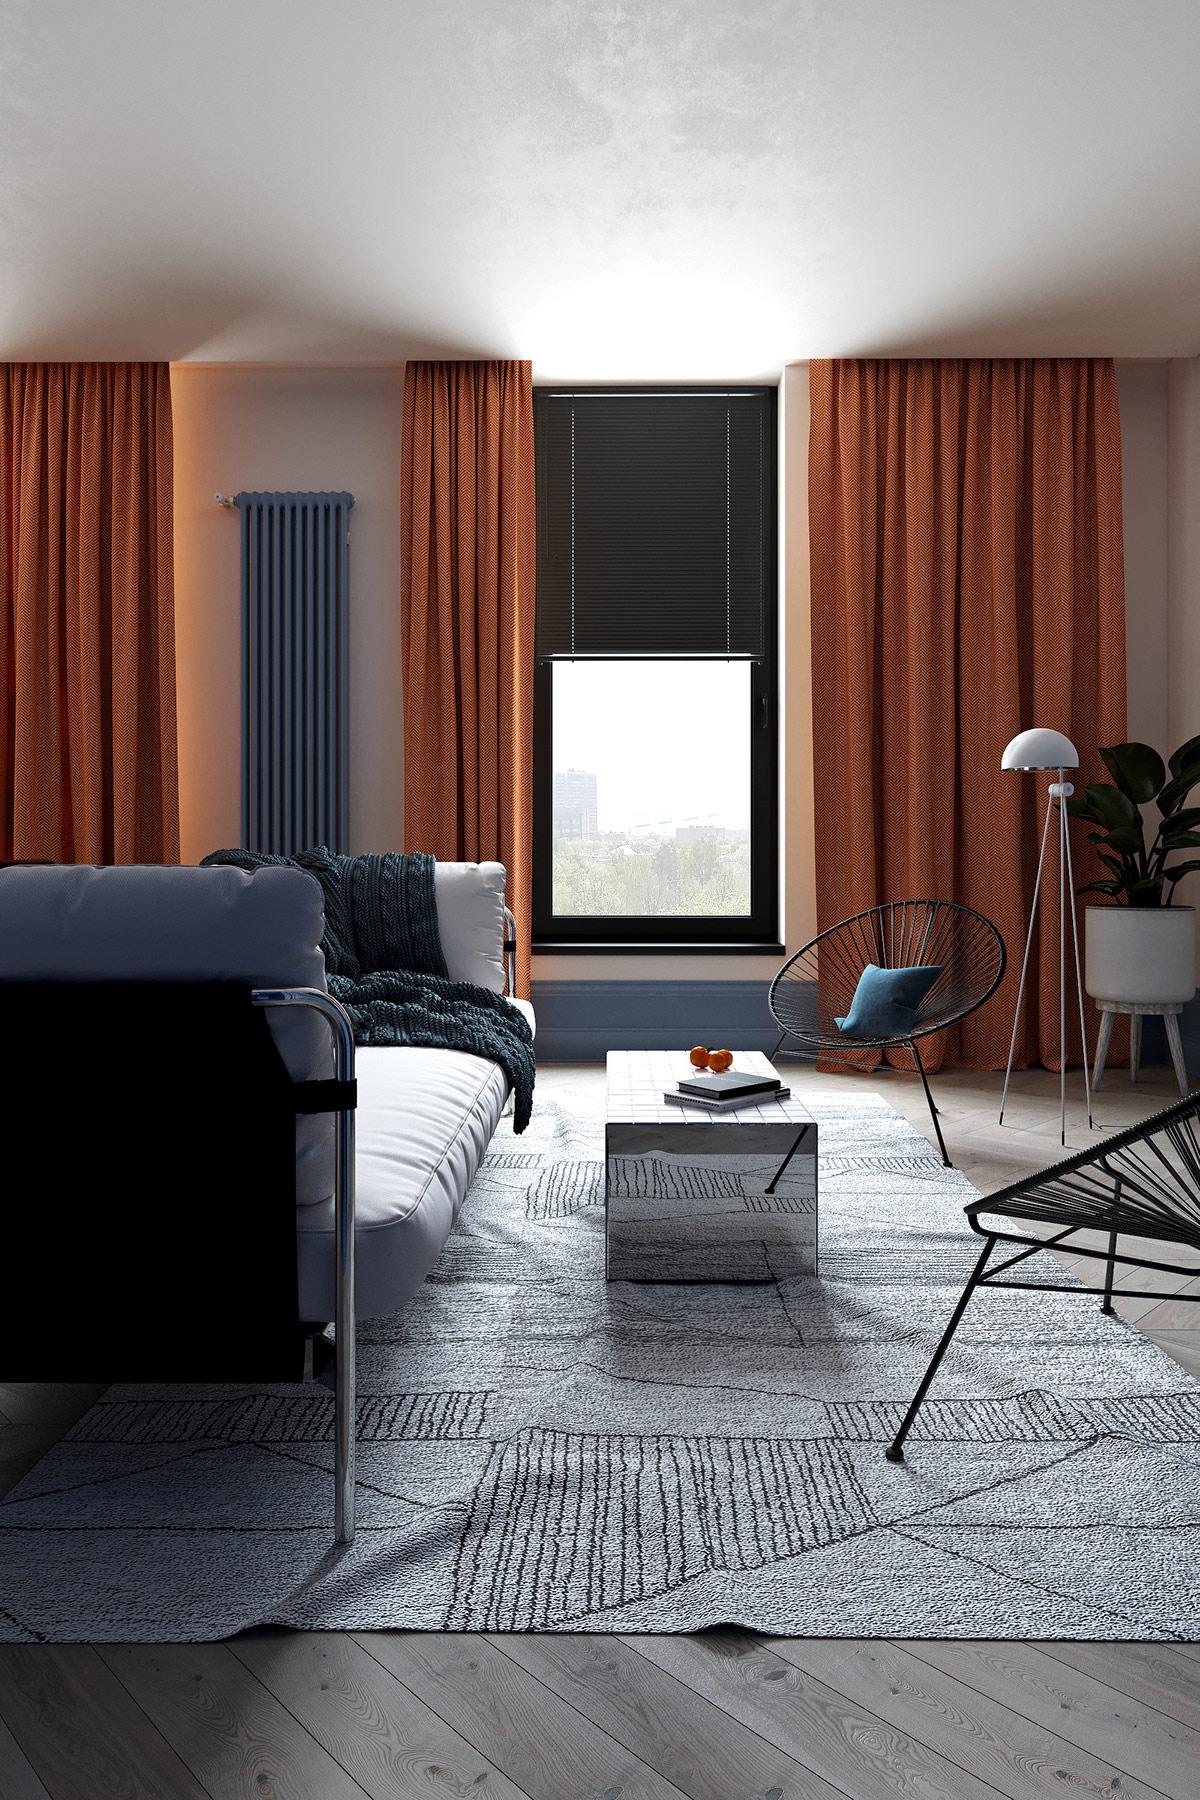 Những chiếc rèm màu cam giúp không gian phòng khách trở nên ấm cúng trong tiết trời lạnh giá và việc đan xen màu xanh dương dường như giúp căn phòng được dịu nhẹ hơn.